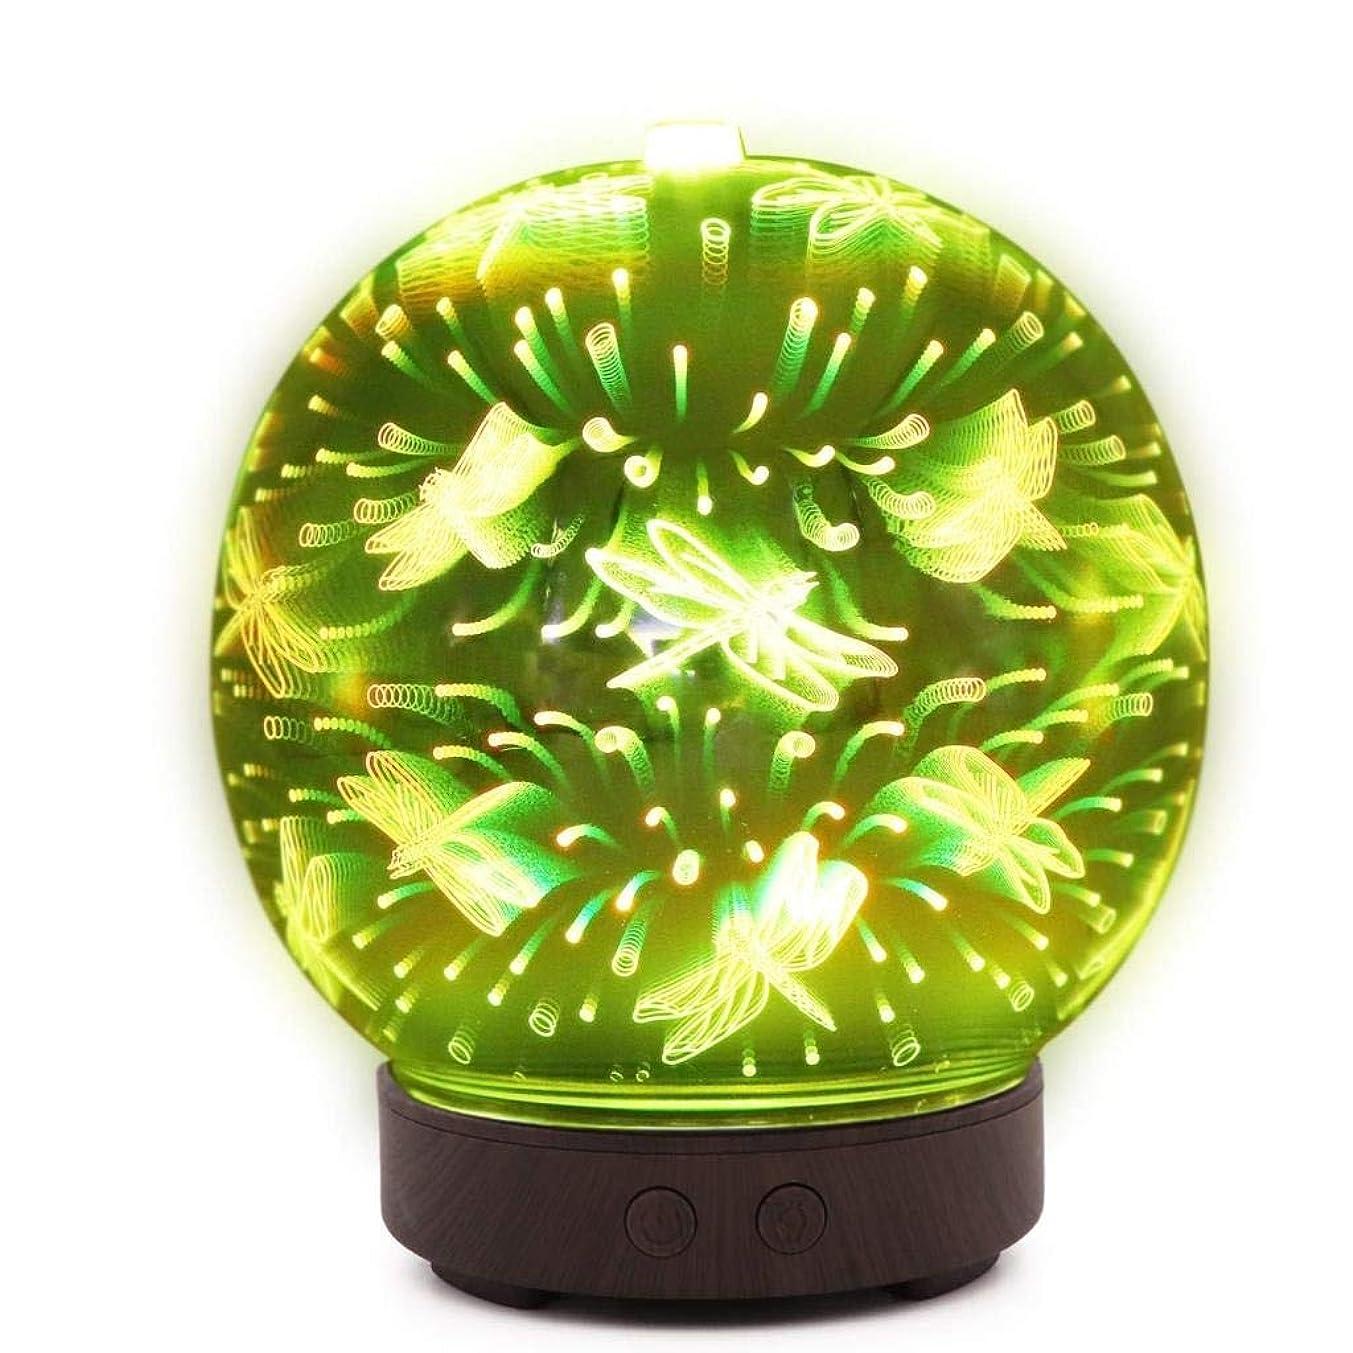 換気減る光の自動シャットオフ機能付き100mlミストディフューザー、7色LEDライト&大型水タンク - ホームヨガの寝室のための3D効果ナイトライトアロマ加湿器 (Color : Dragonfly Pattern)